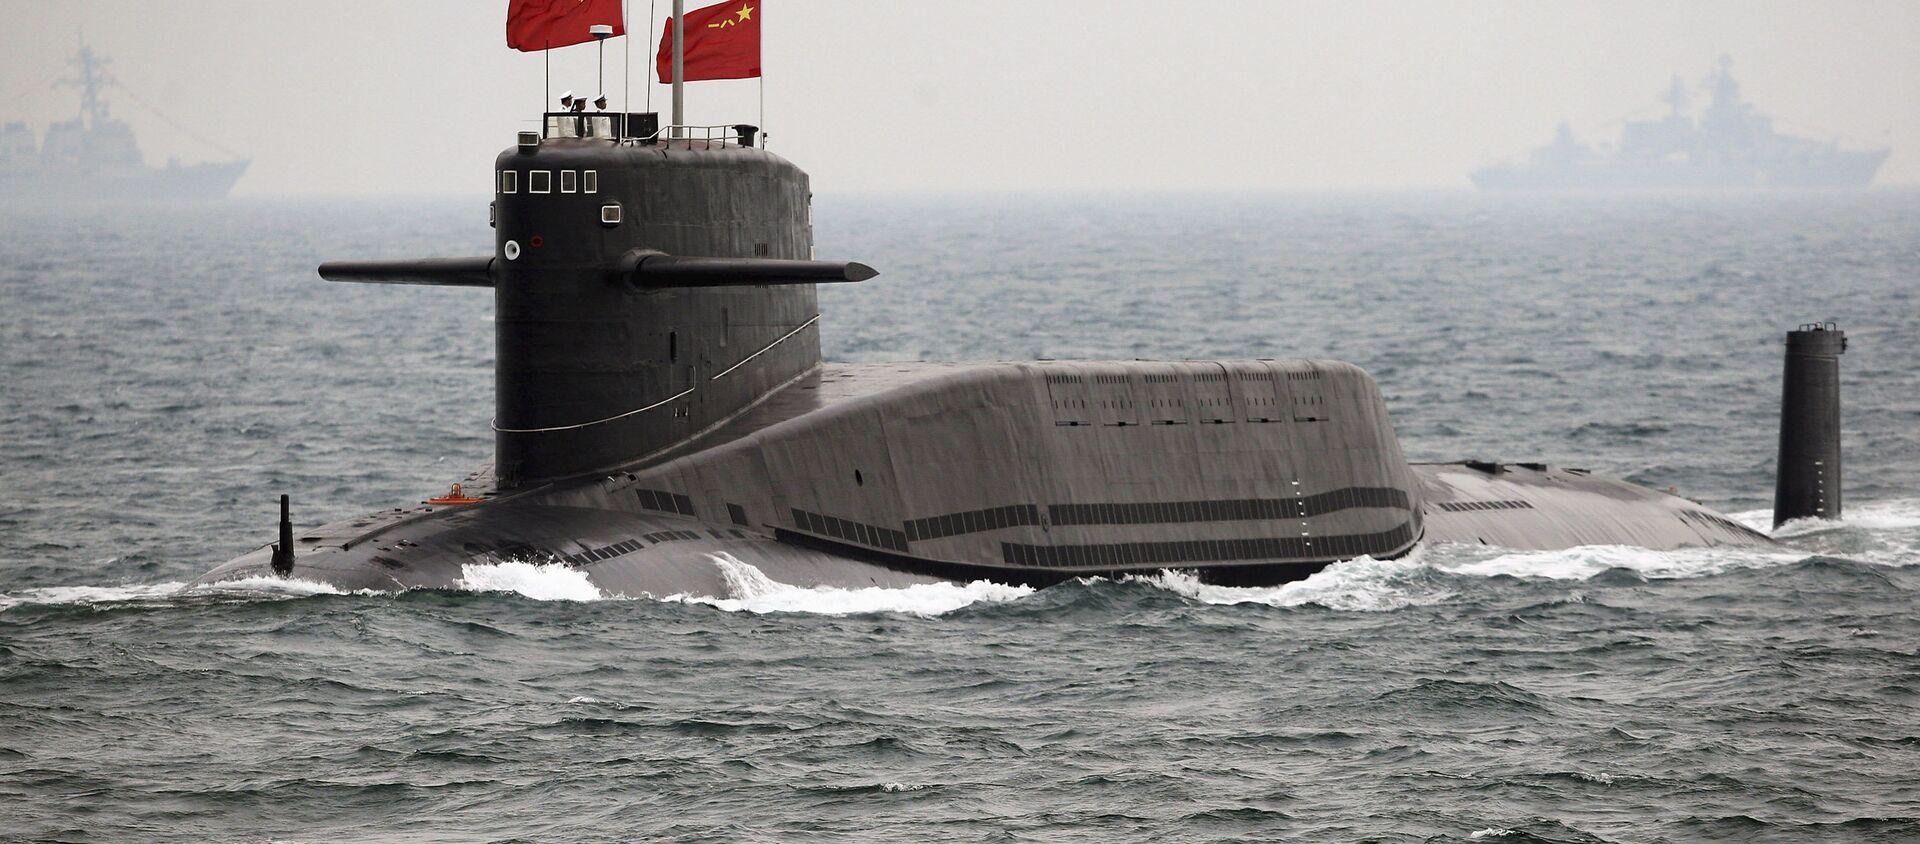 Submarino chino - Sputnik Mundo, 1920, 16.11.2020